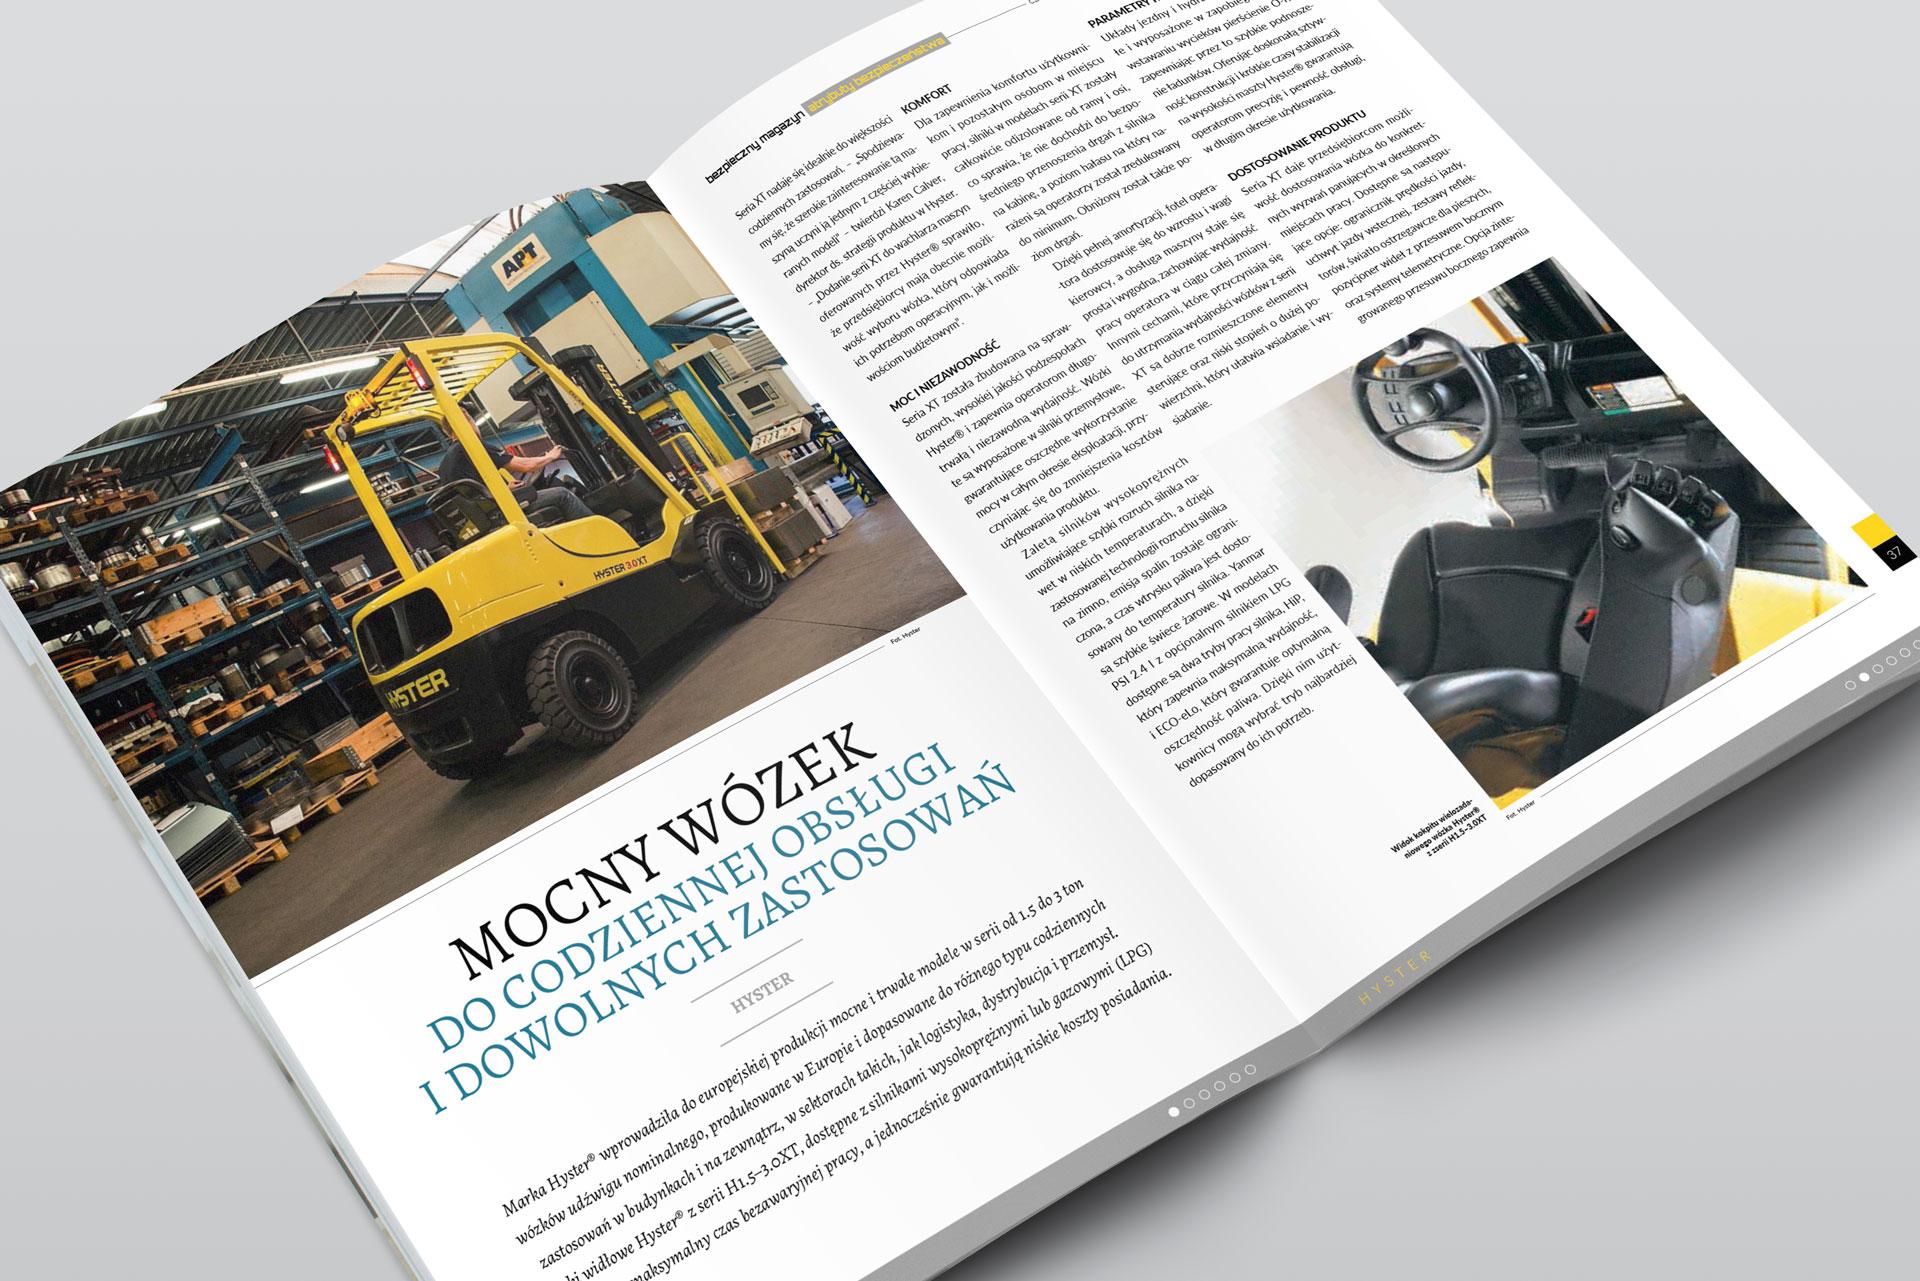 Bezpieczny Magazyn. Projekt graficzny layoutu kwartalnika